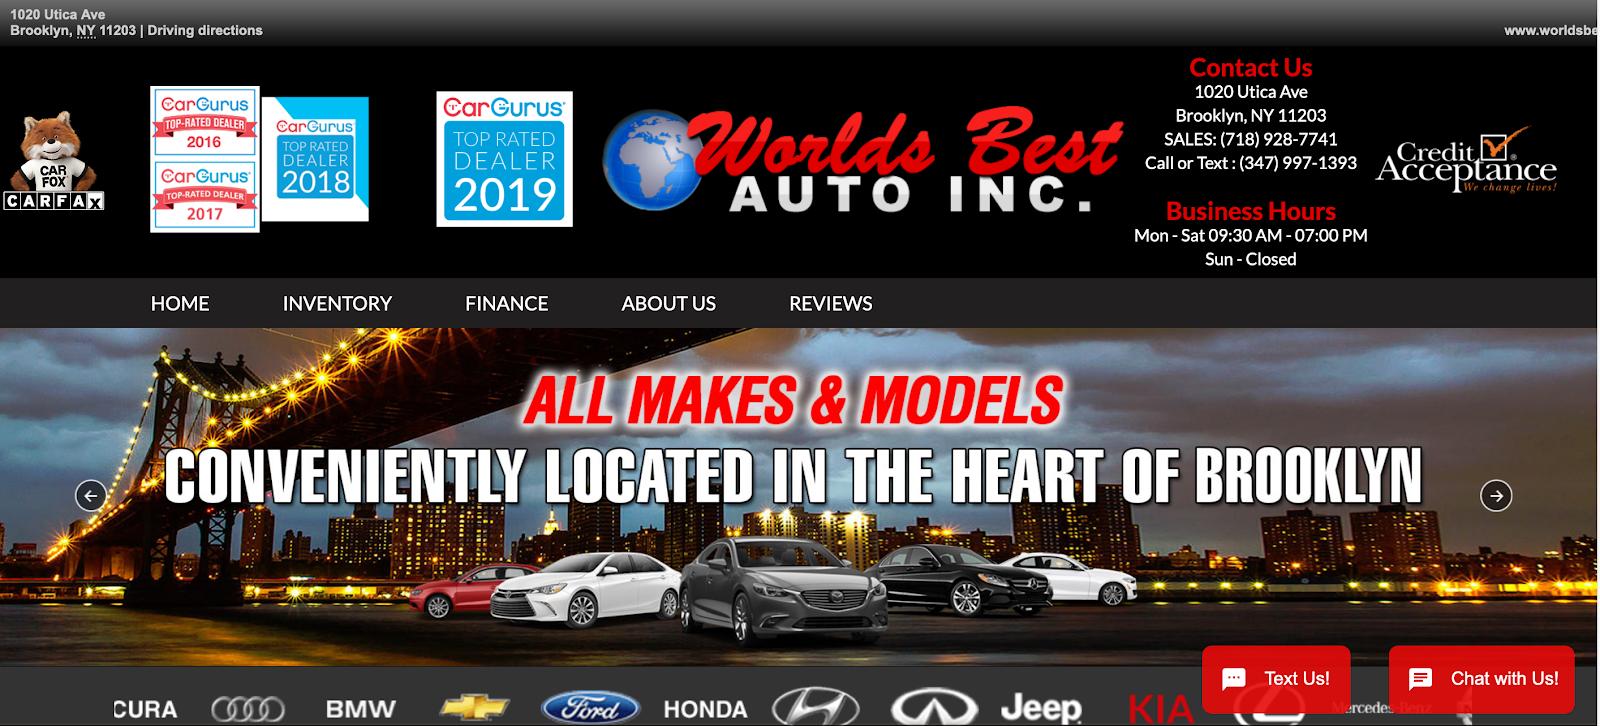 Screenshot of World's Best Auto Inc. homepage